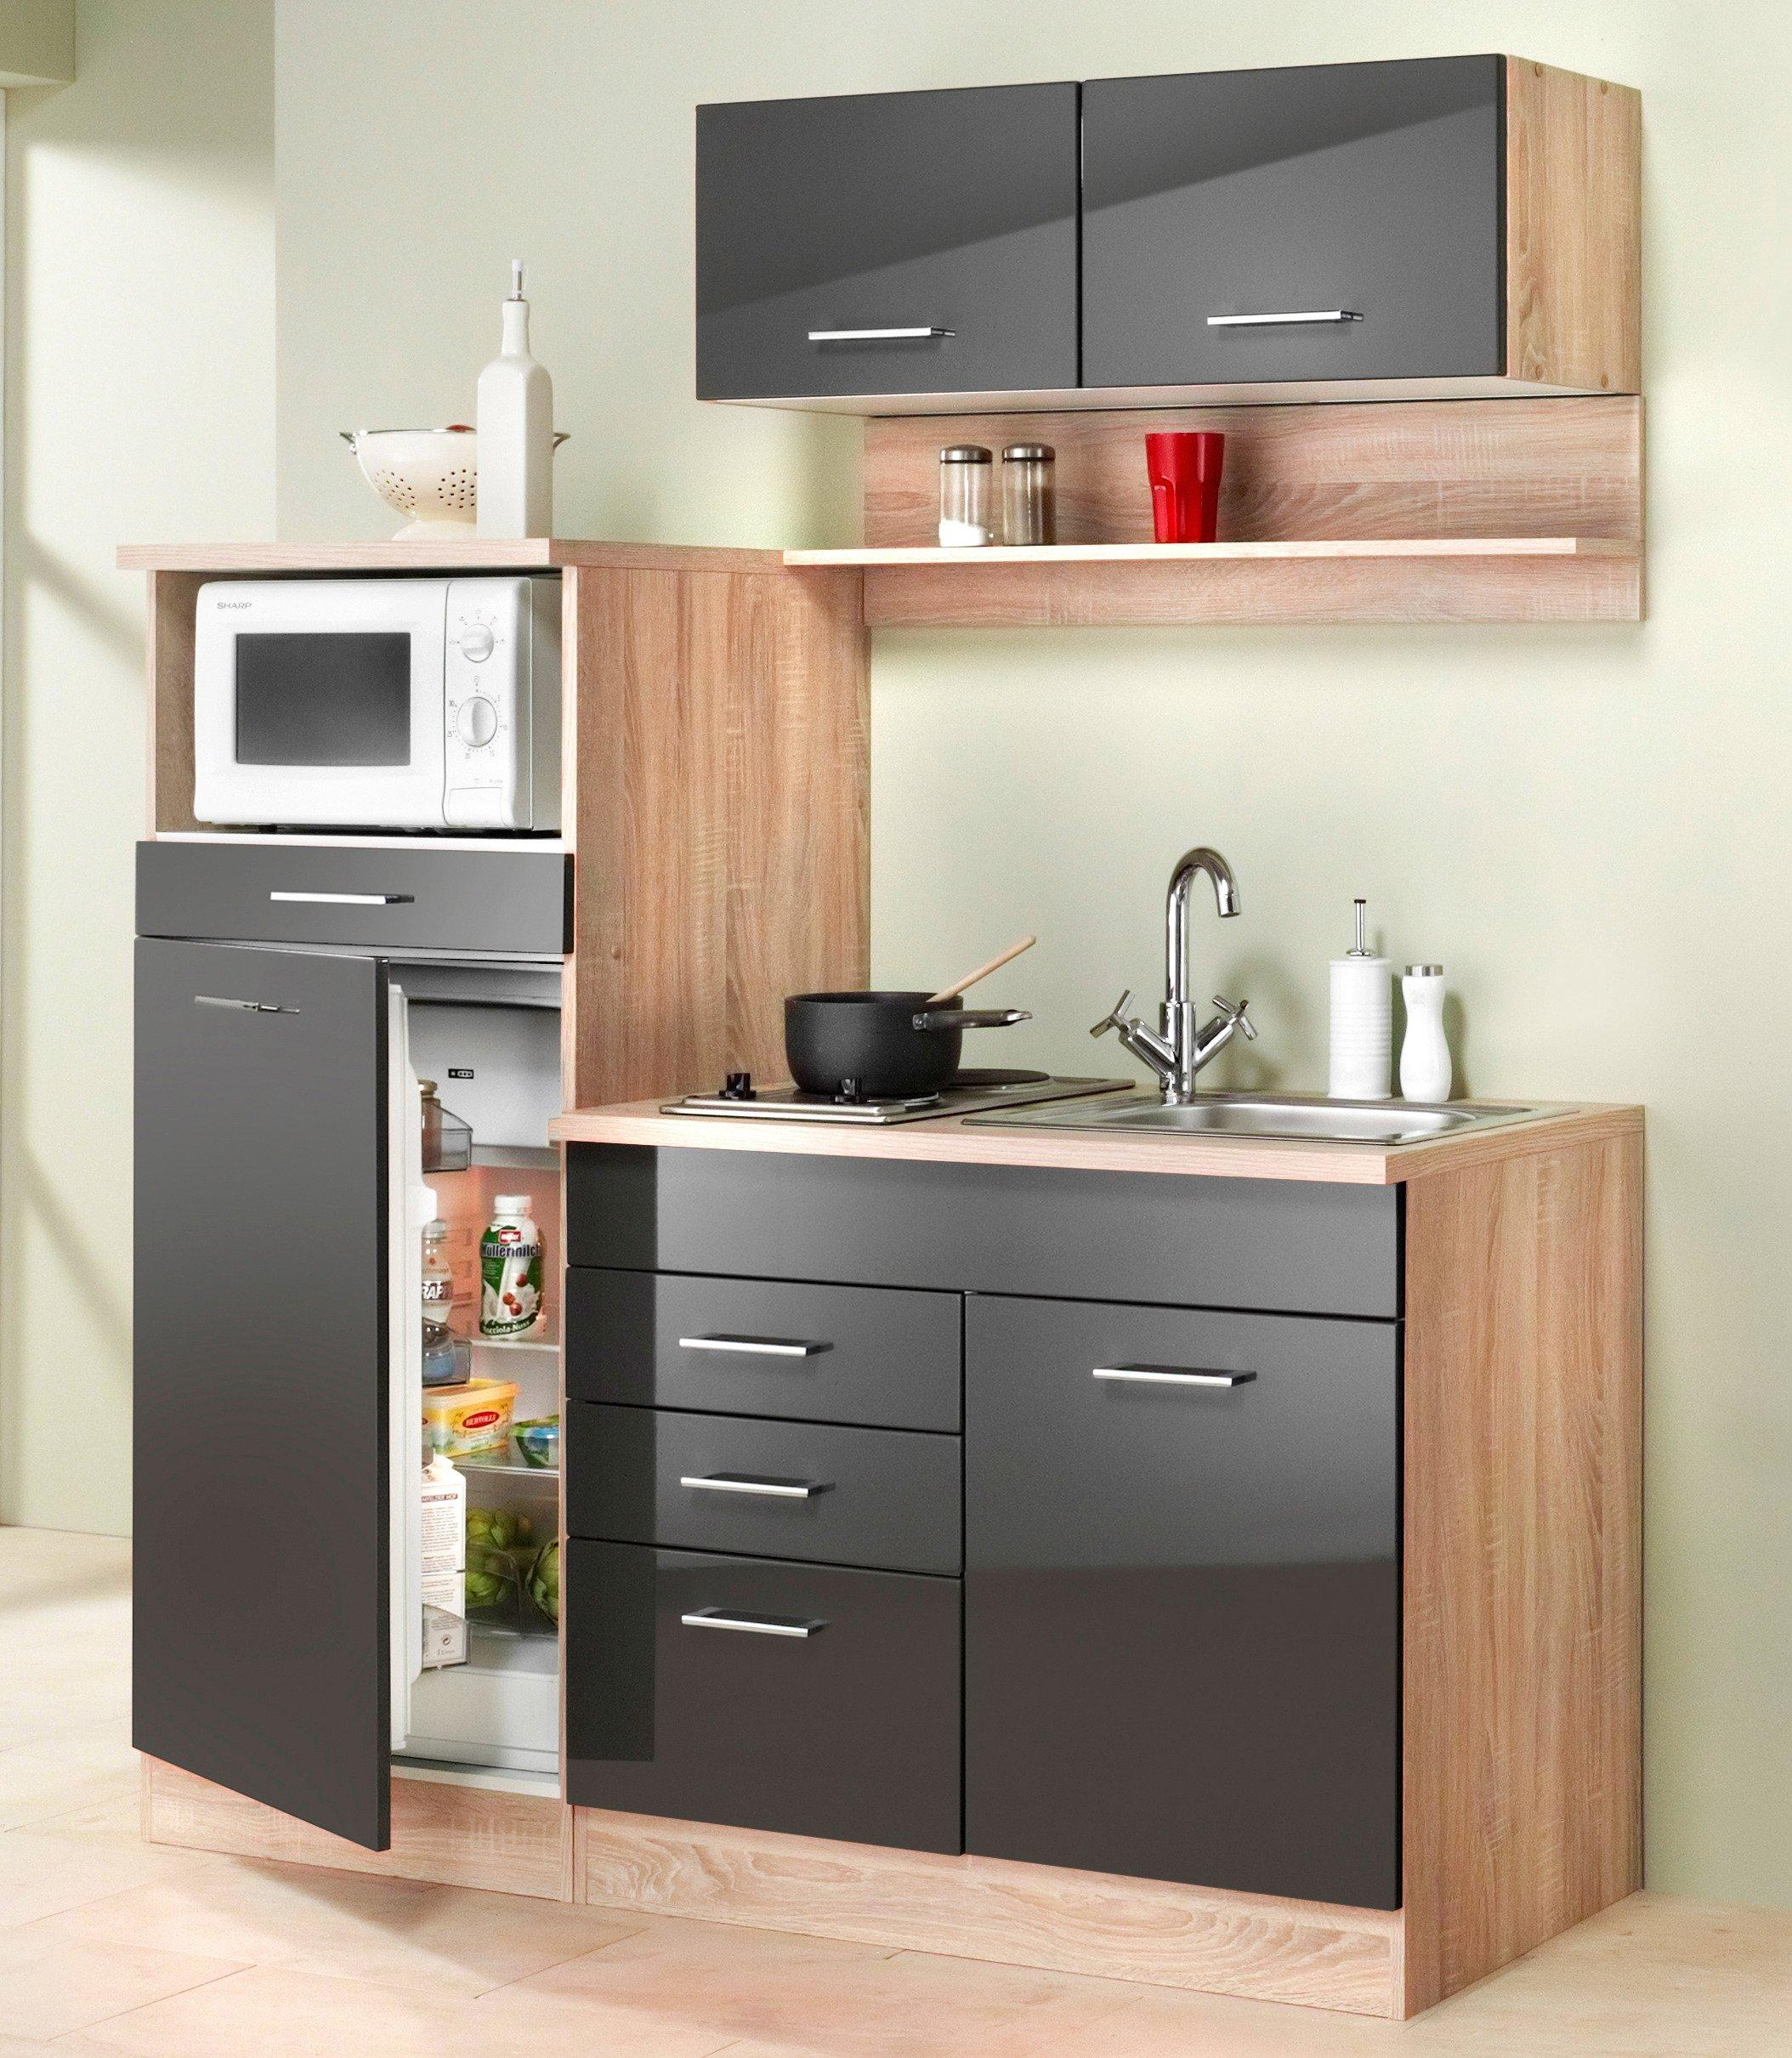 Full Size of Held Minikchen Online Kaufen Mbel Suchmaschine Wohnzimmer Miniküchen